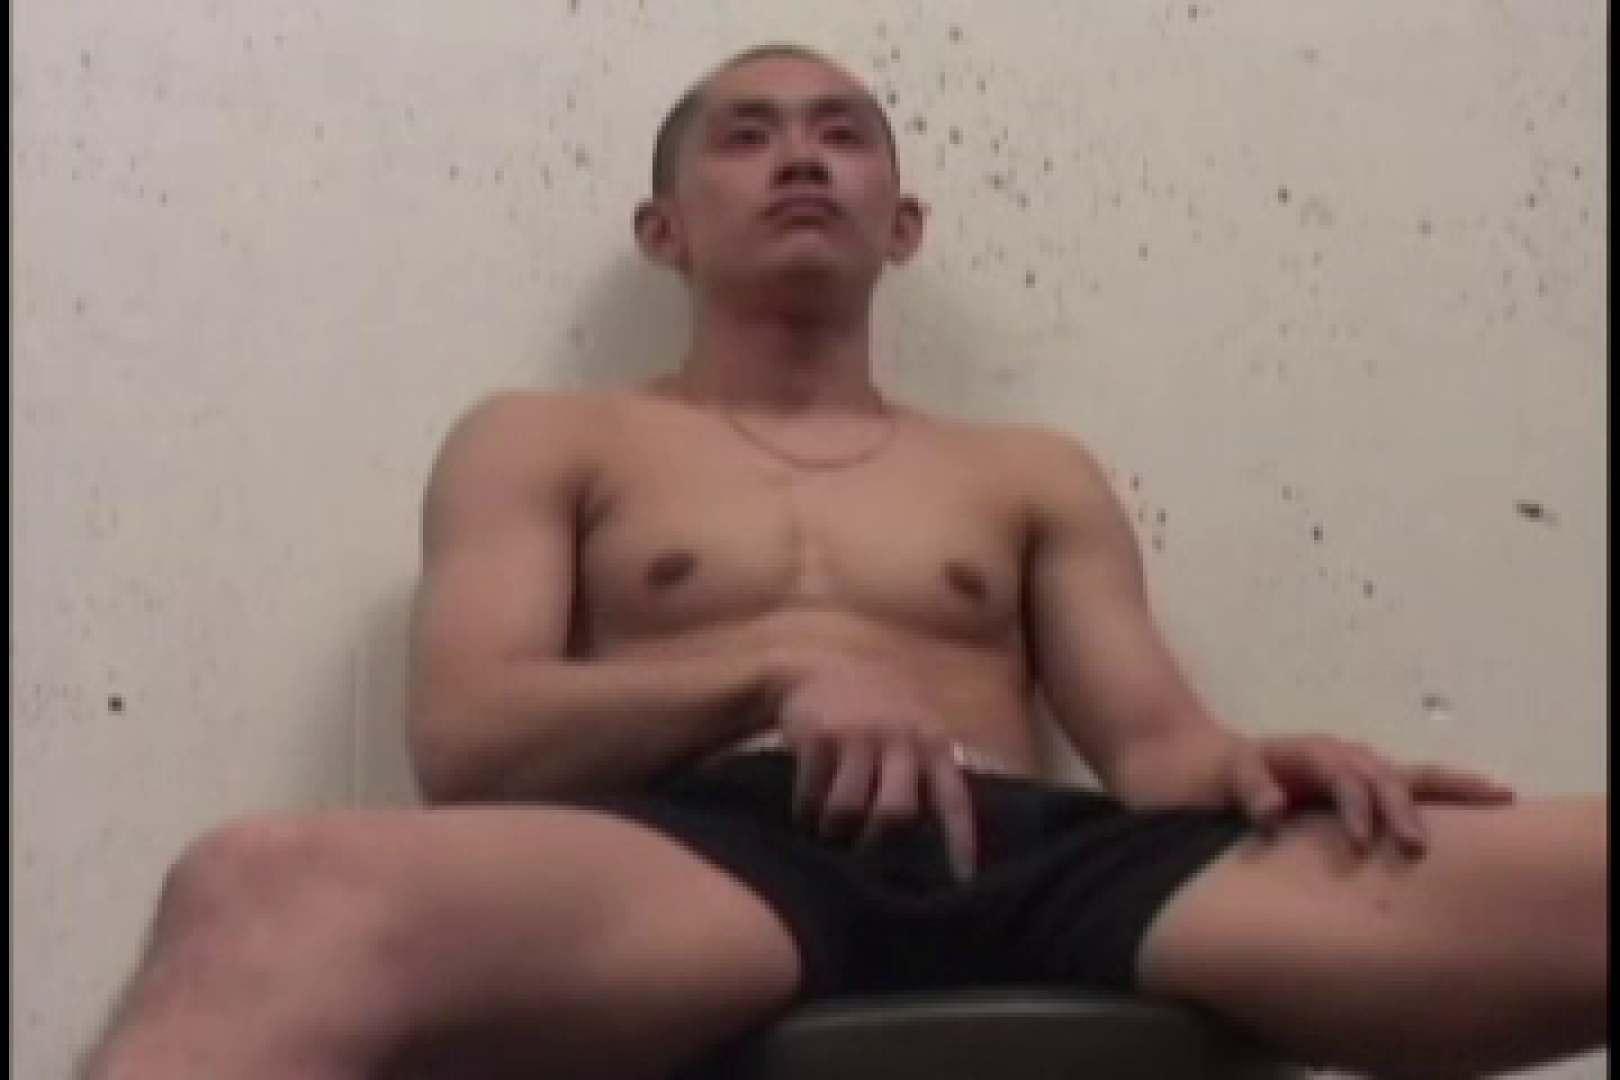 スリ筋!!スポメンのDANKON最高!!take.02 射精天国 男同士動画 59pic 26